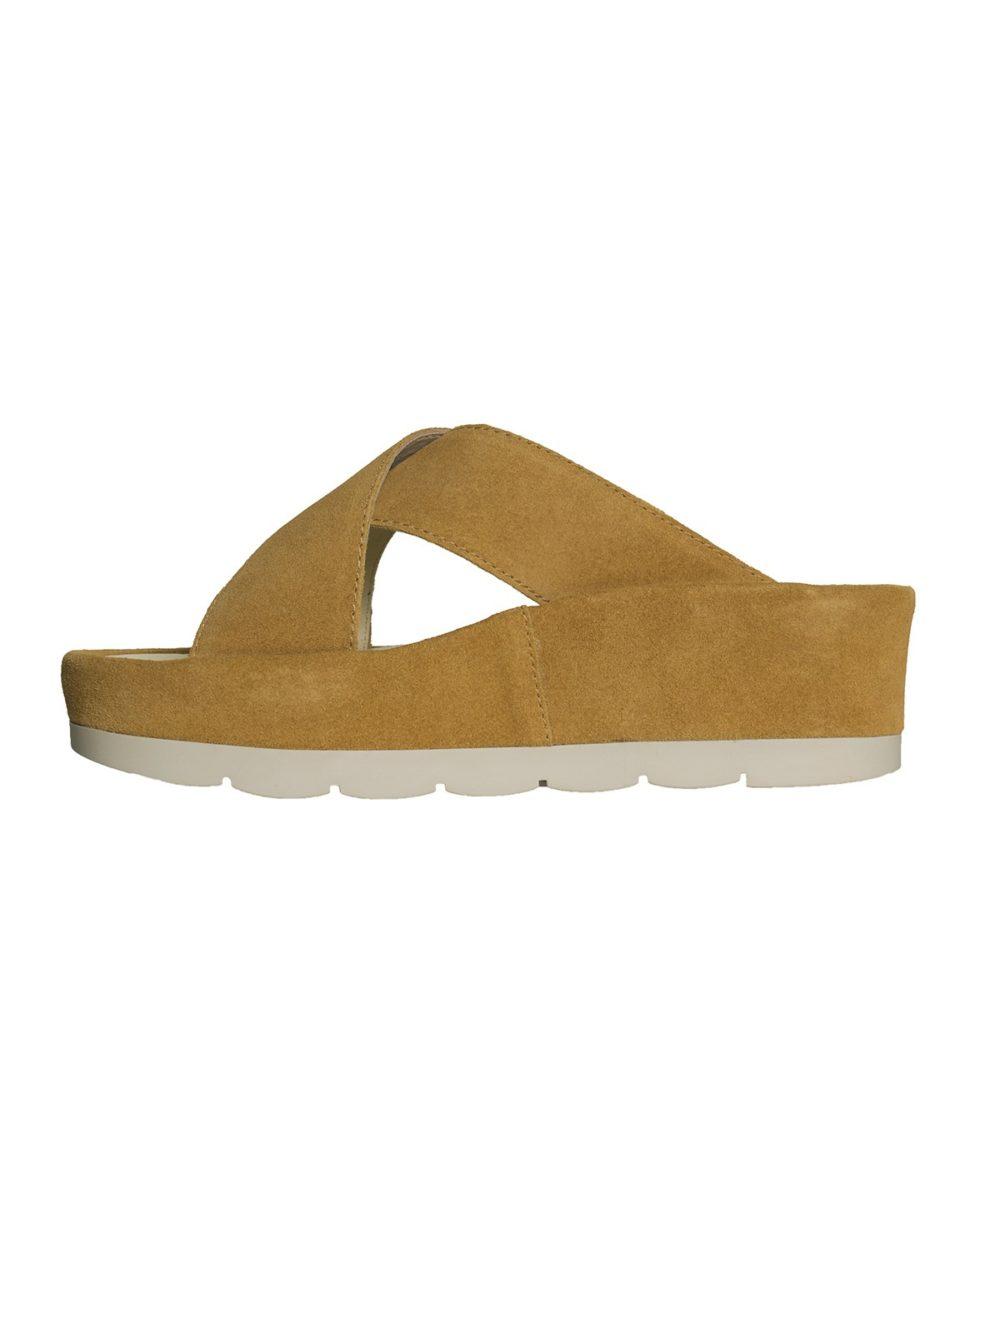 Begs Sandal Fly London Katie Kerr Women's Clothing